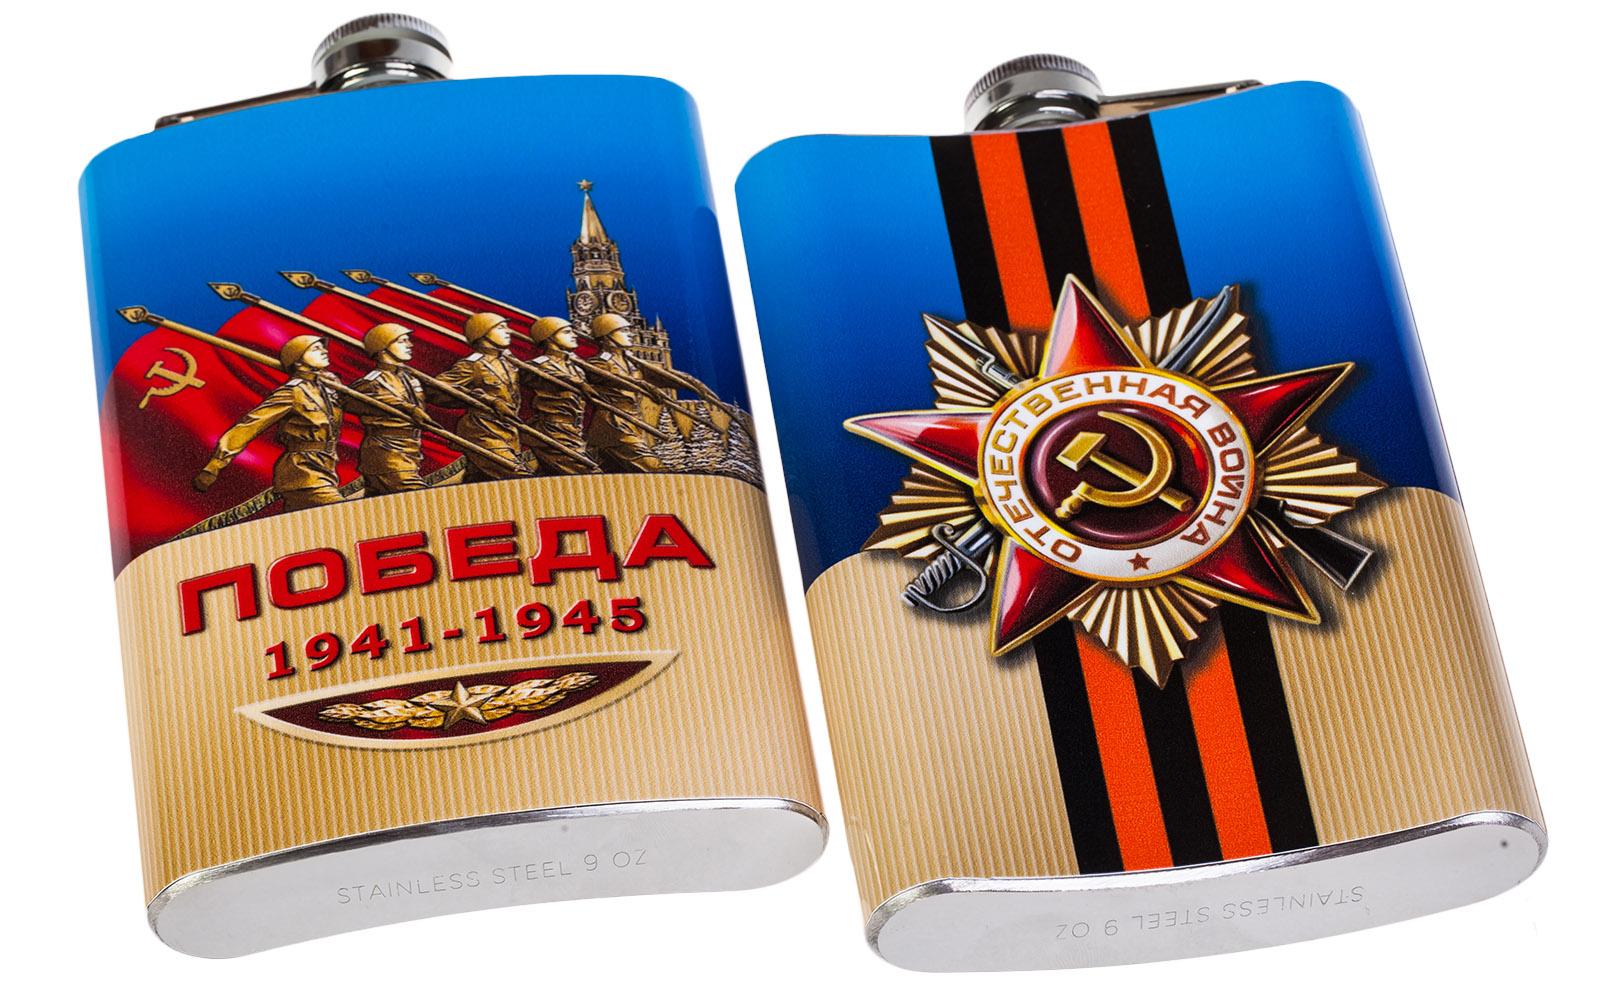 Фляжка Победа 1941-1945 - недорого